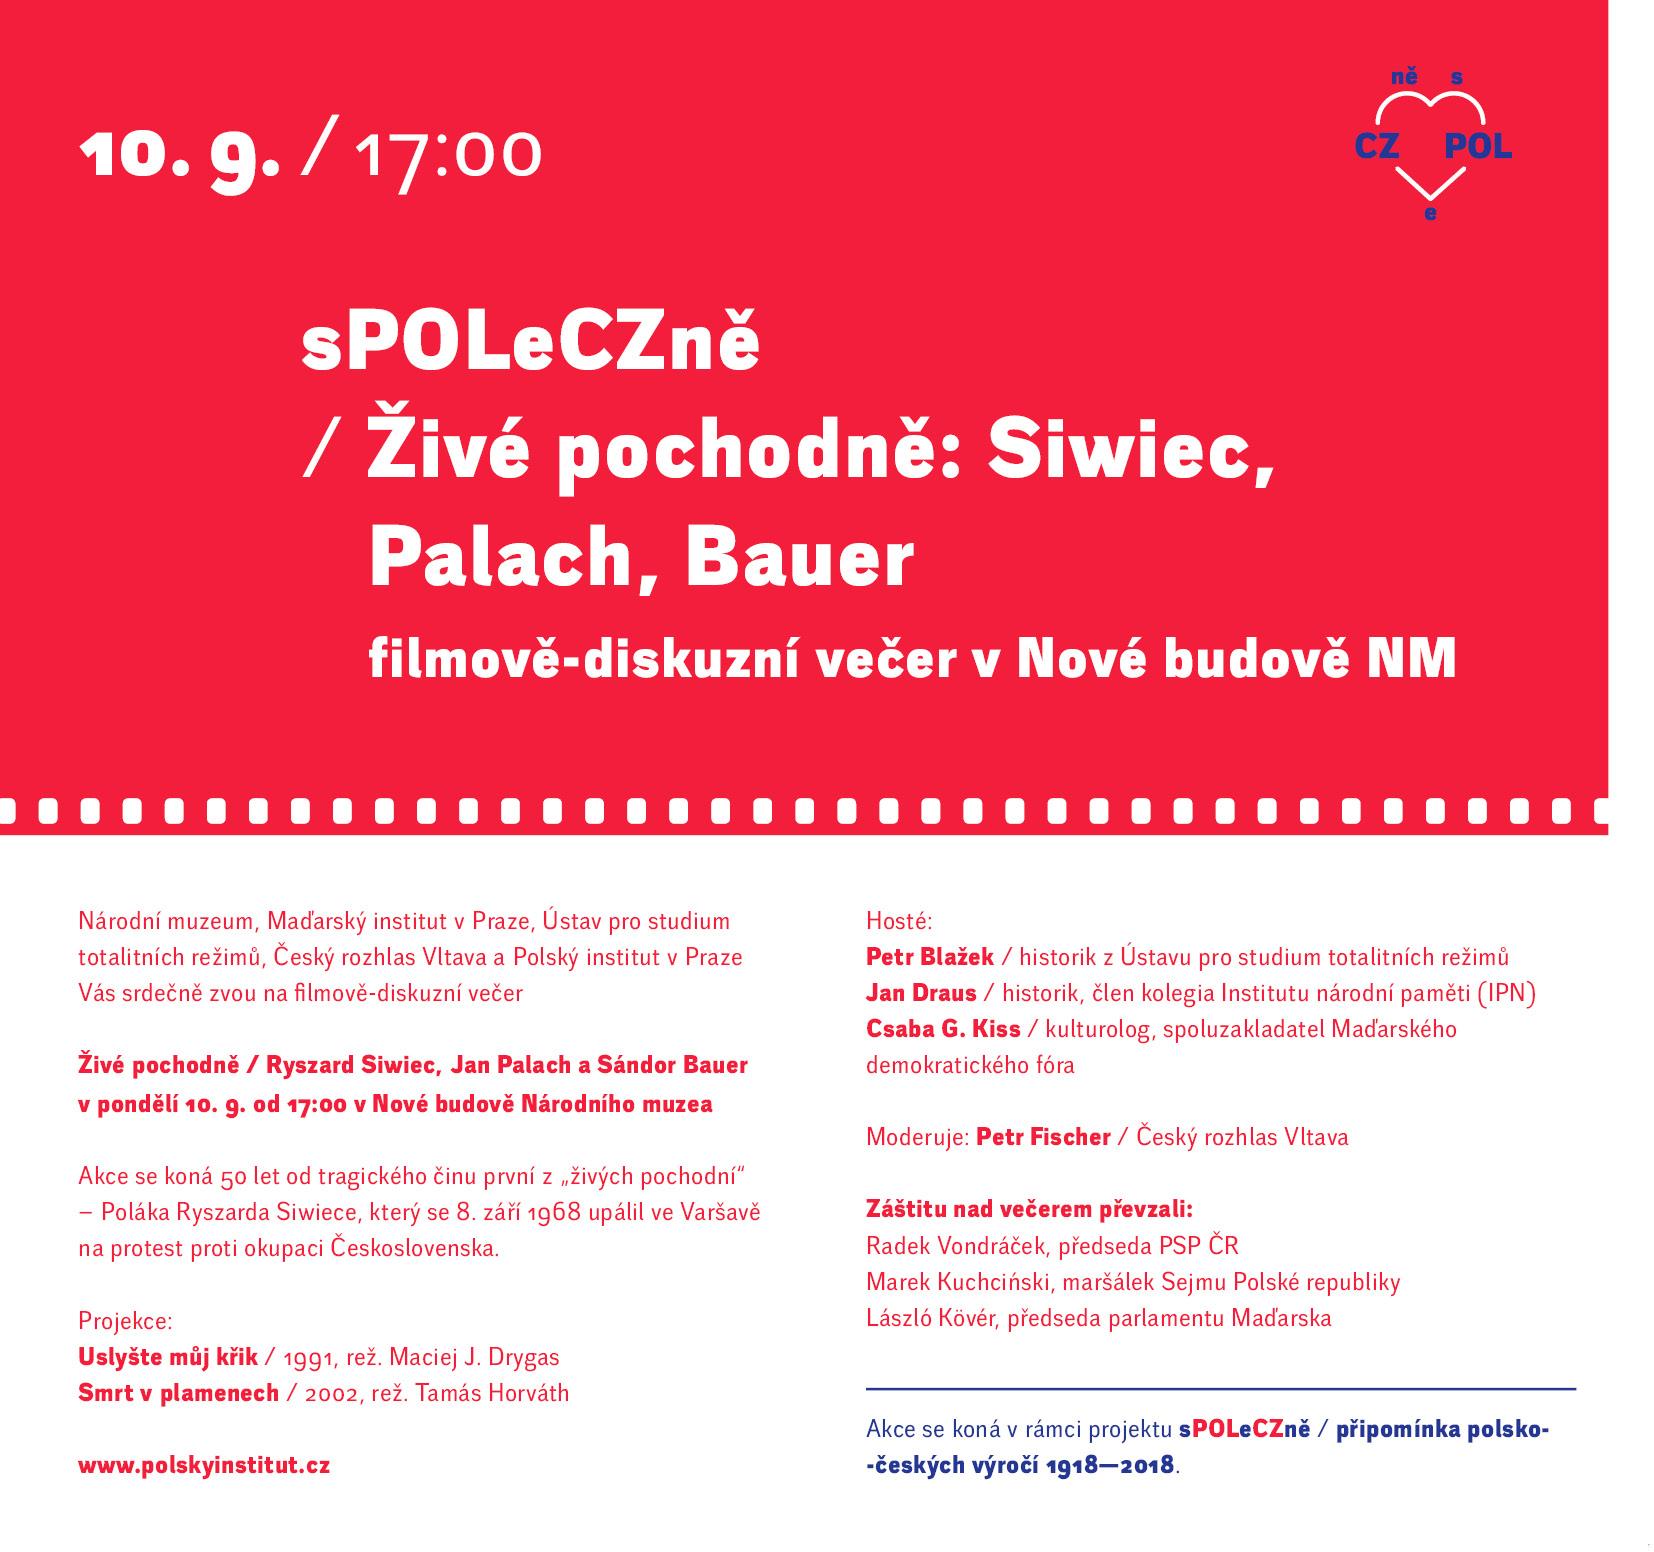 Diskuzní večer Živé pochodně / Ryszard Siwiec, Jan Palach a Sándor Bauer